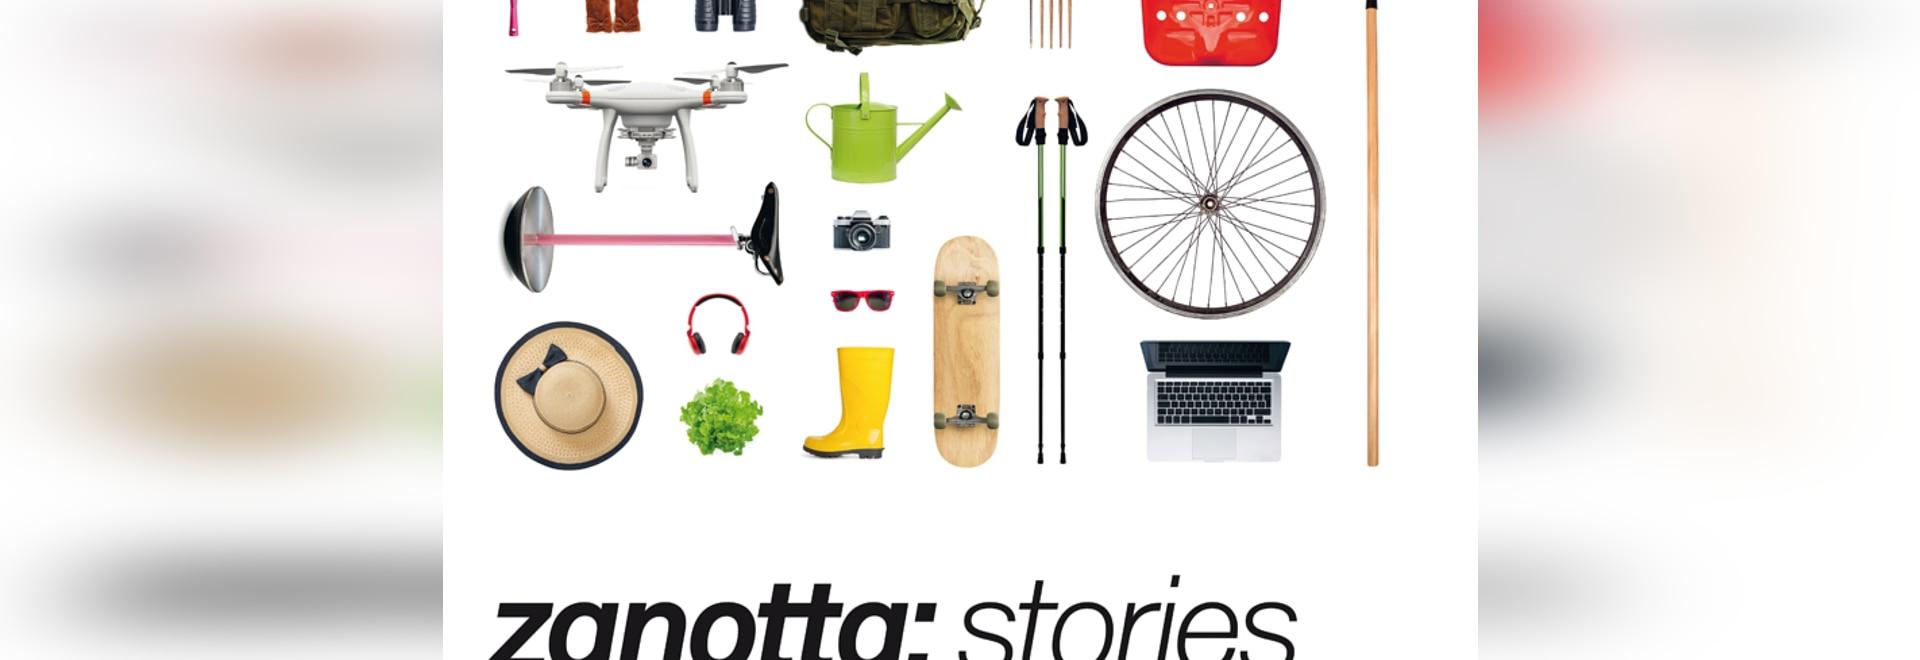 Tecno presenta las historias de Zanotta